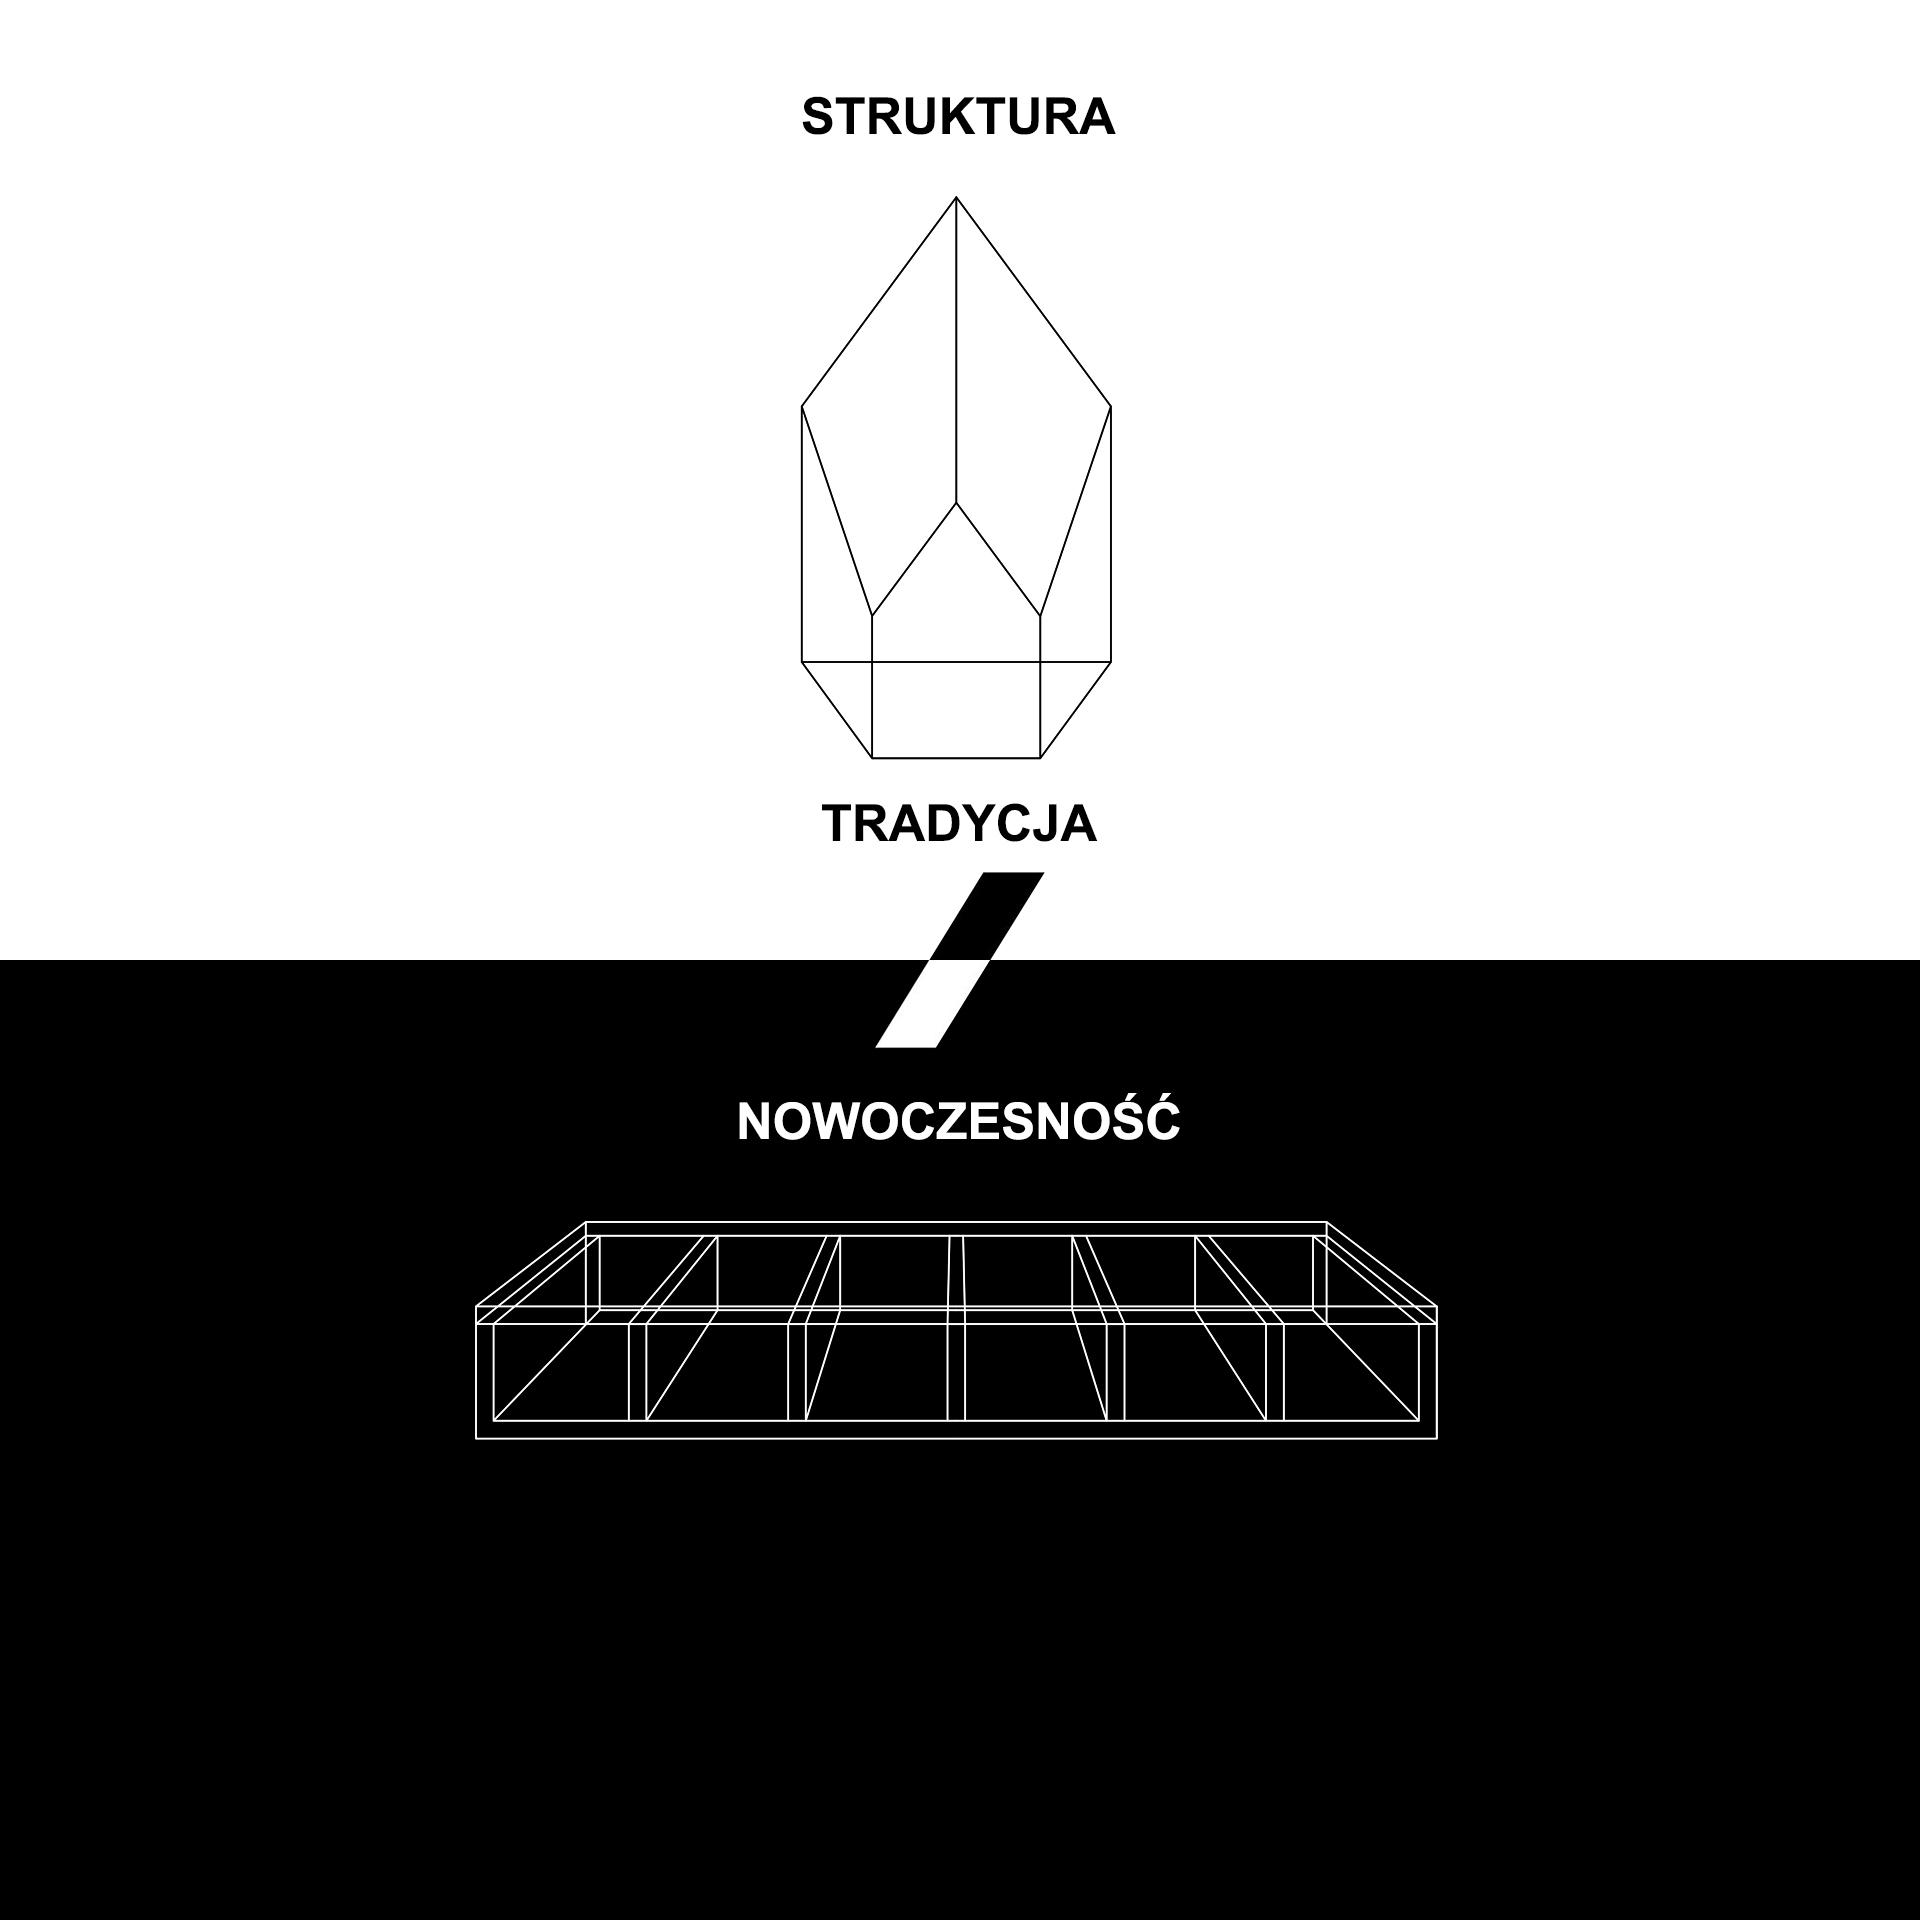 Latająca stodoła - struktura